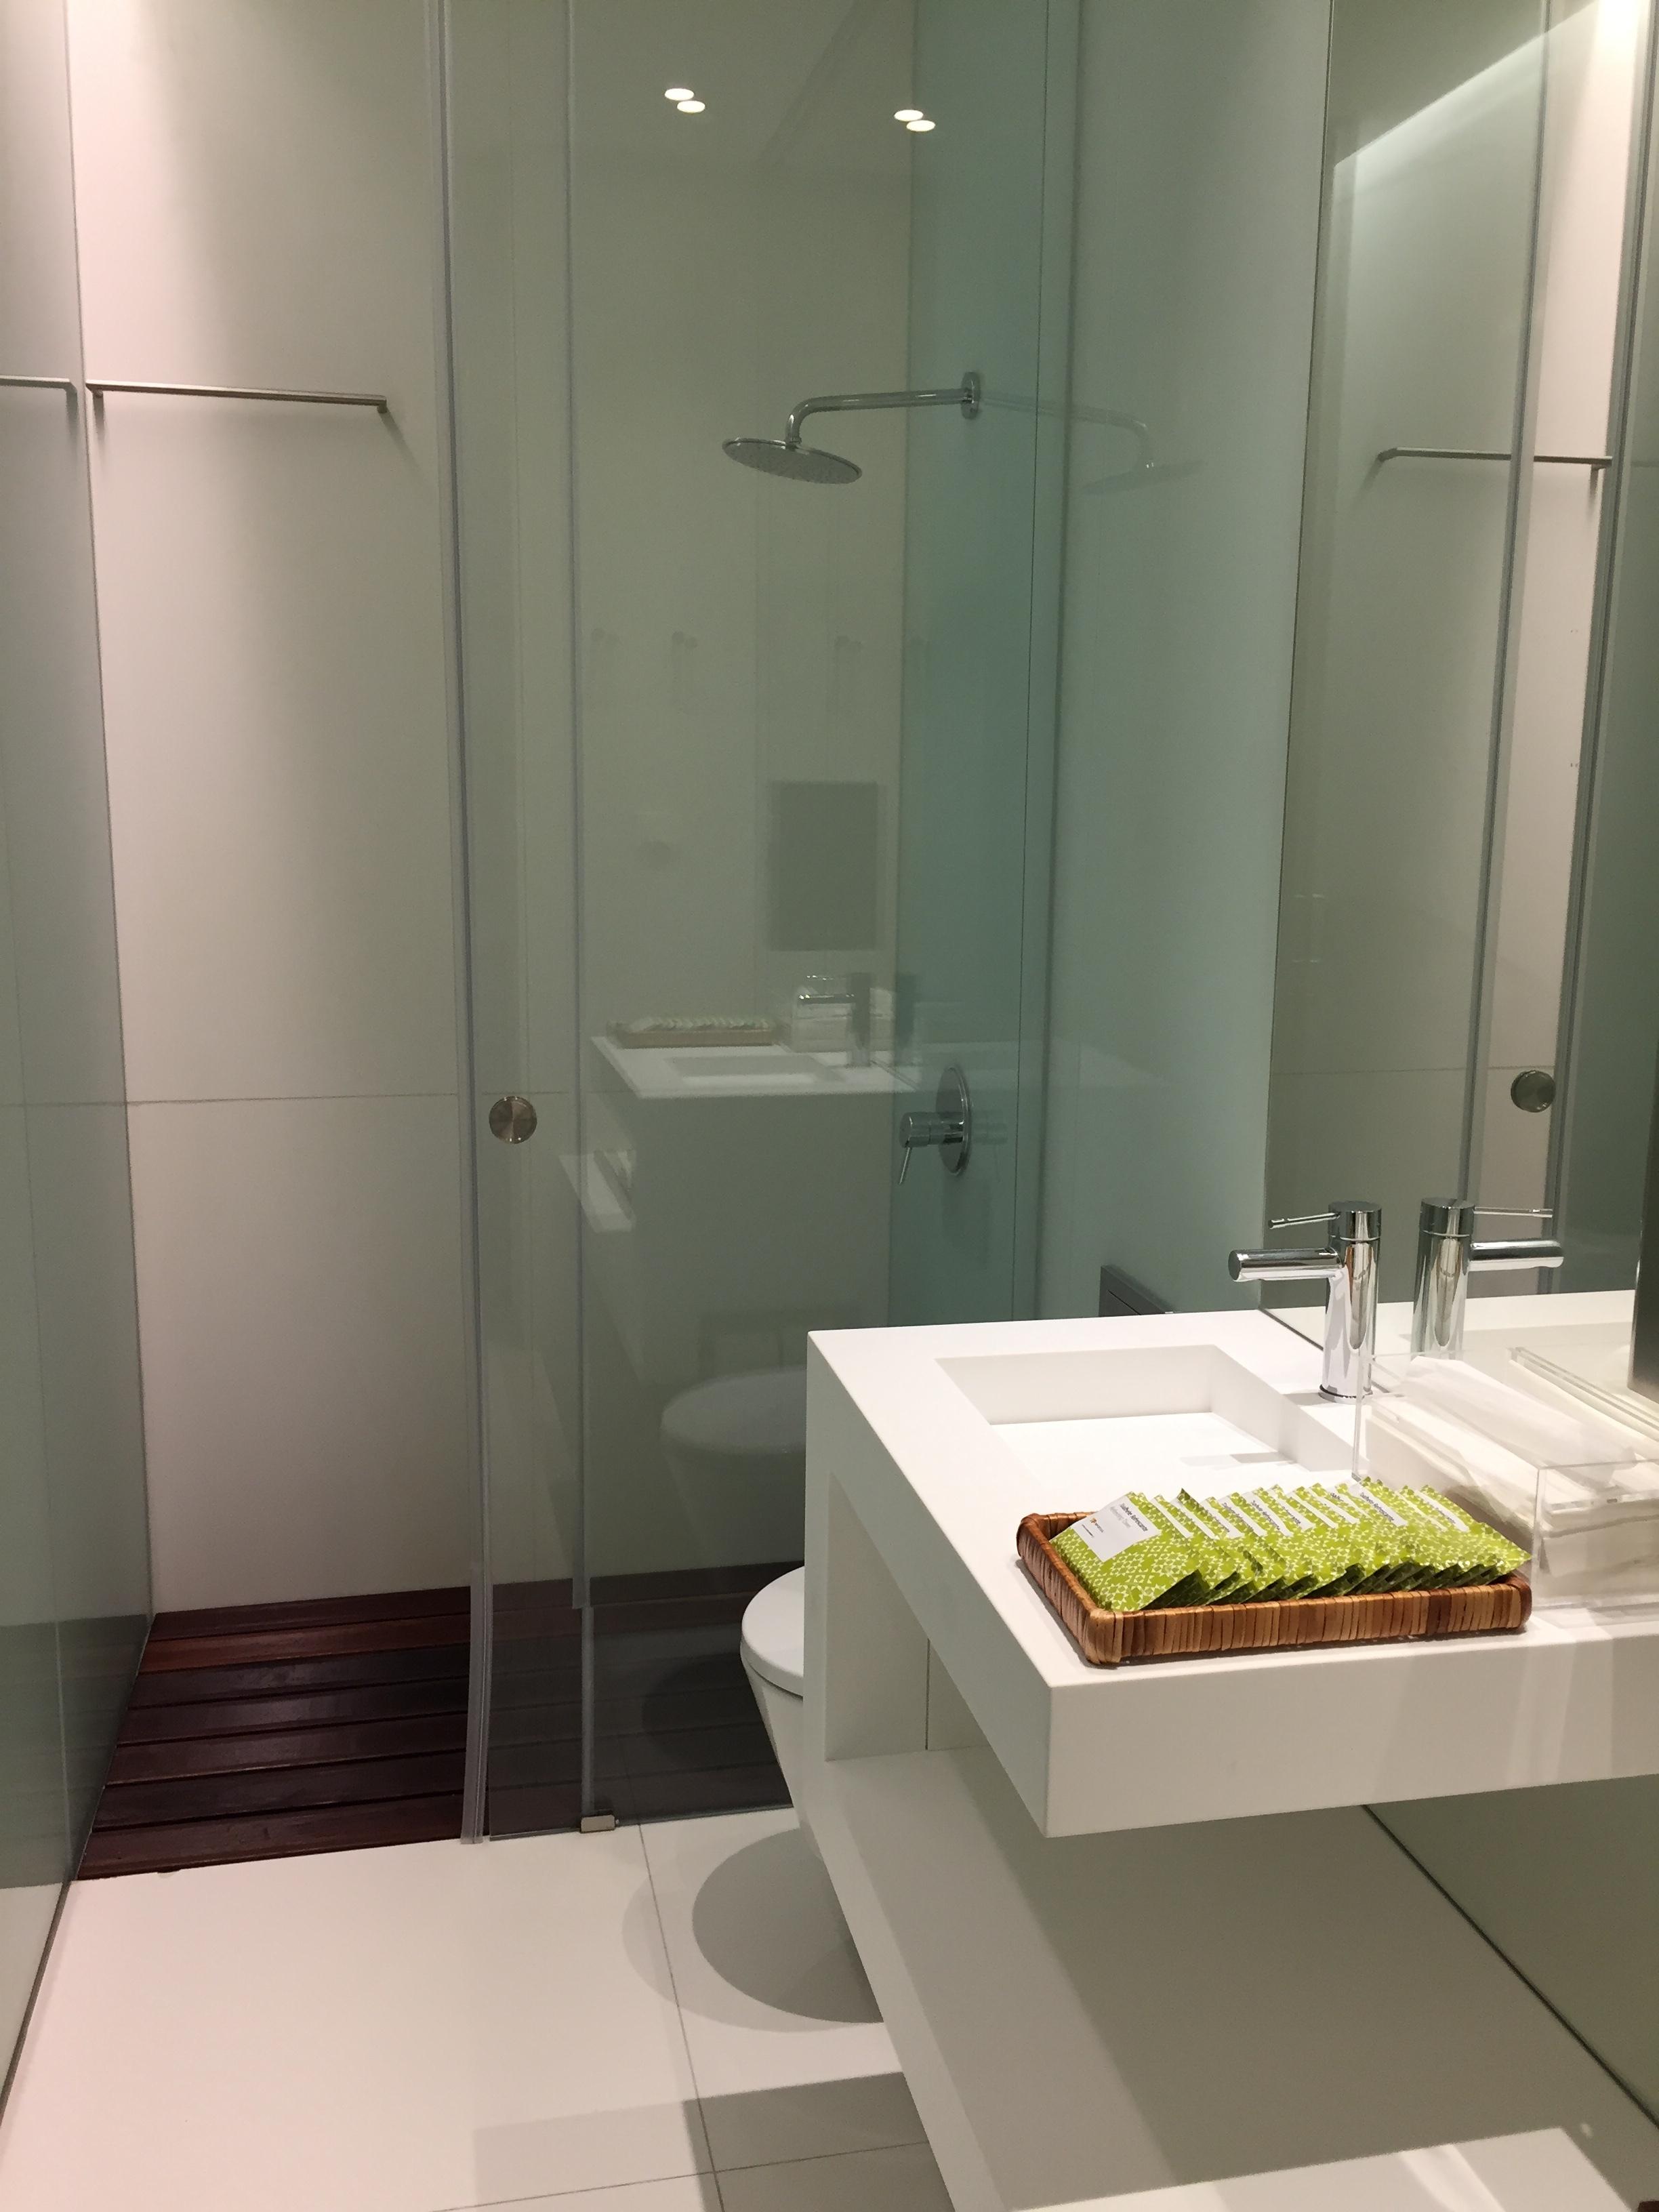 TAP business class lounge shower.JPG